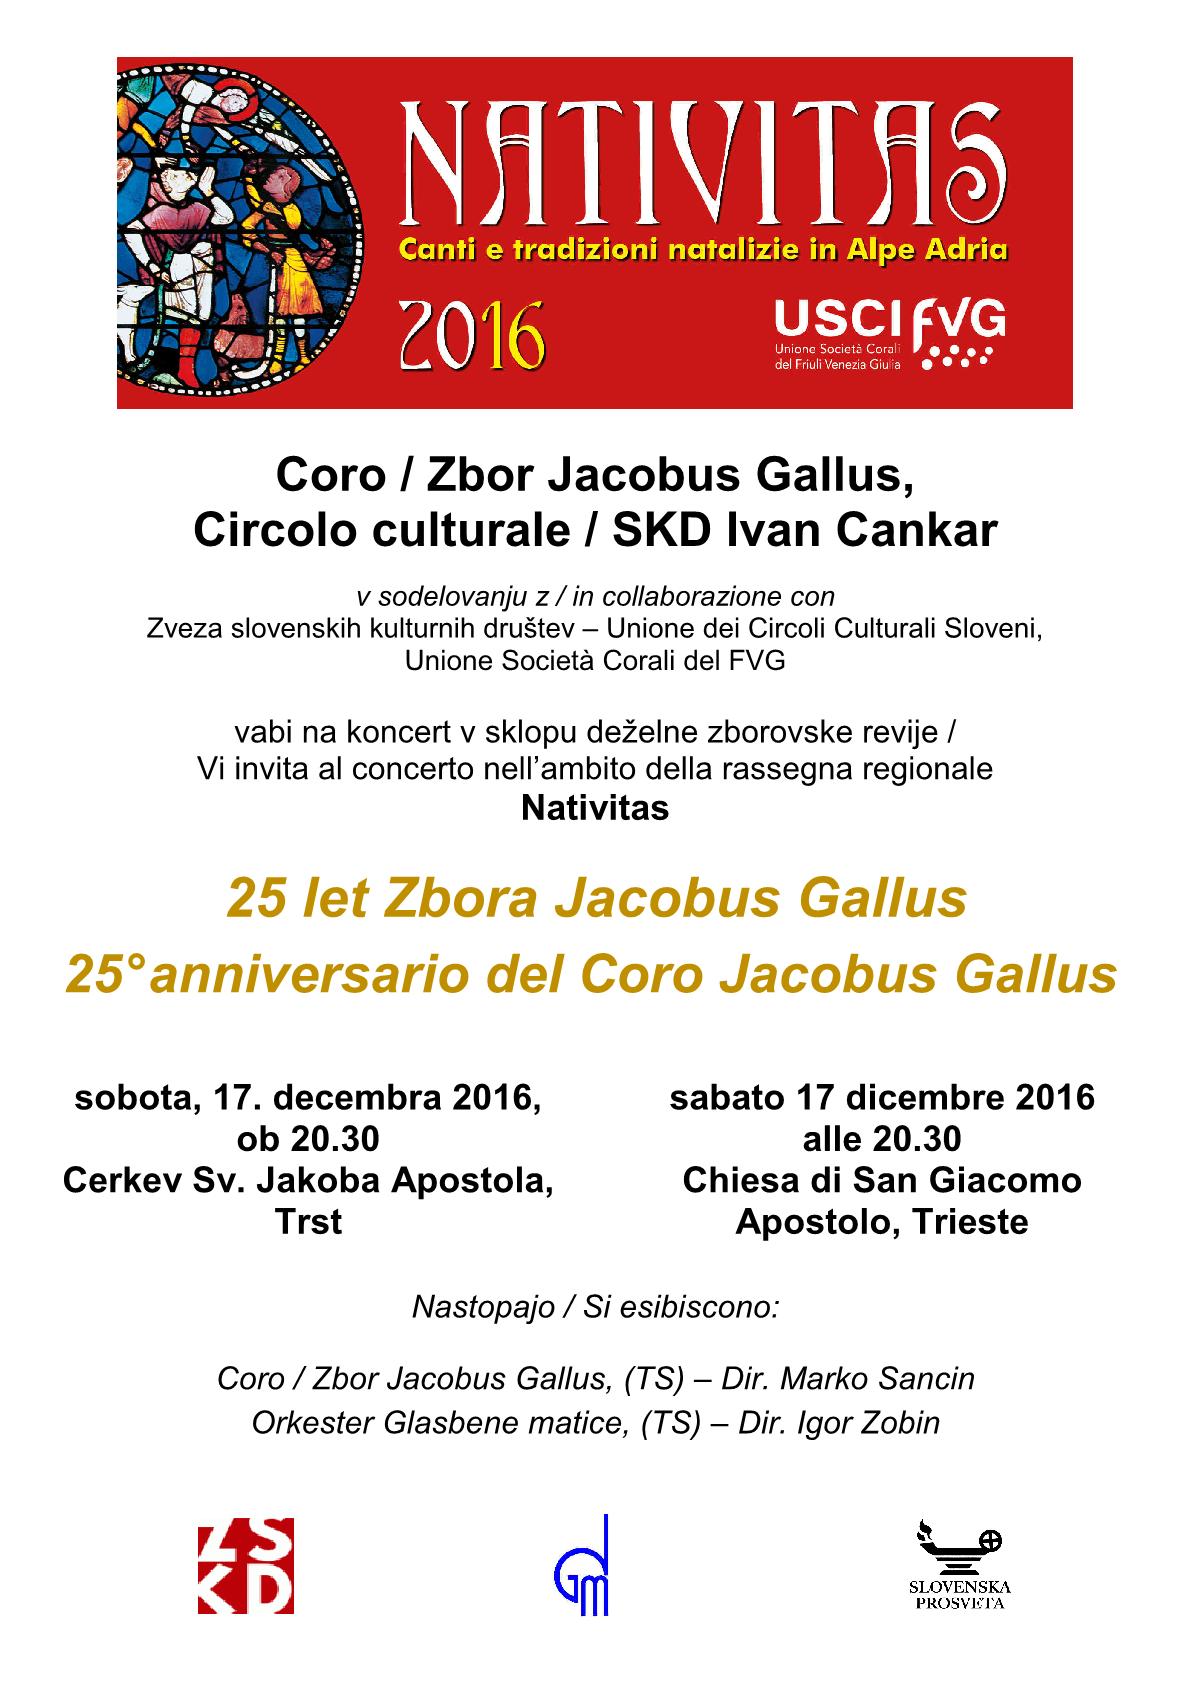 jacobus-gallus1